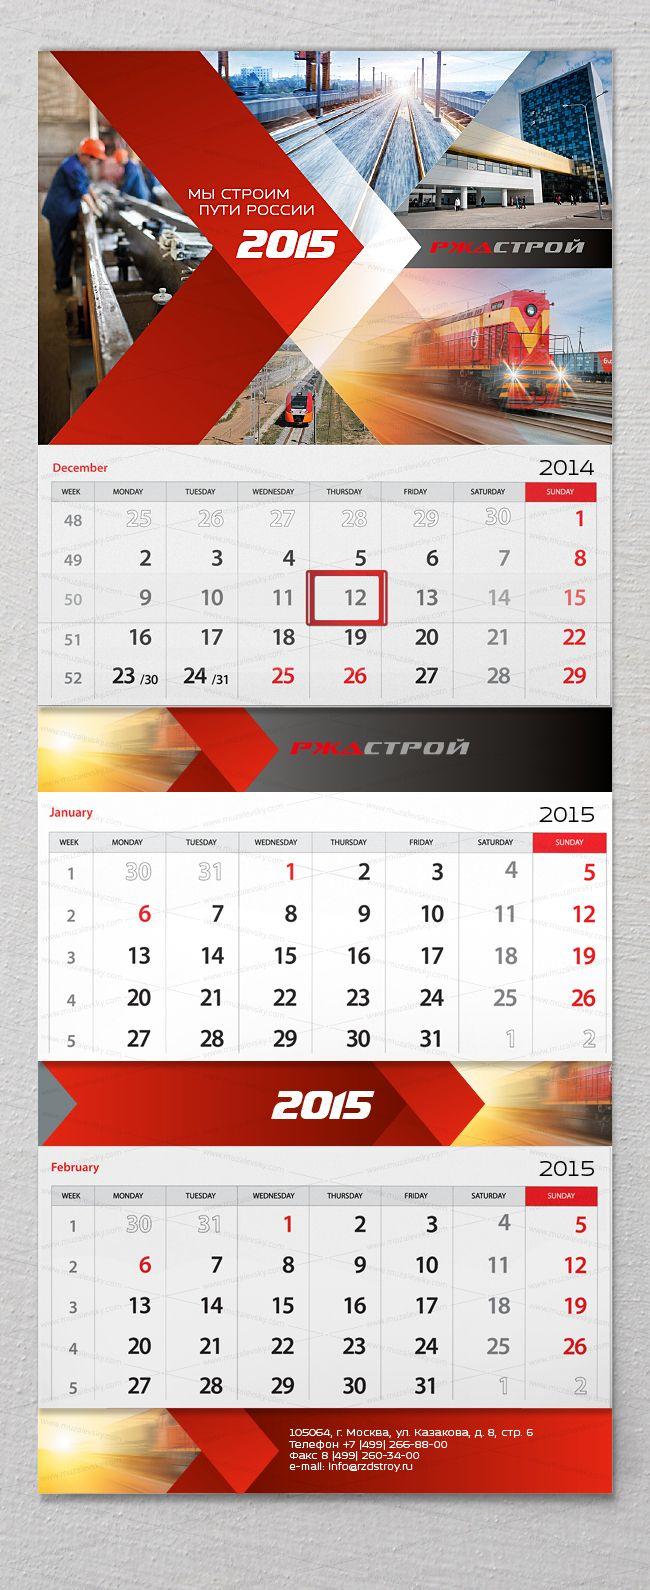 Latest Calendar Design : Квартальный календарь «РЖД Строй Полиграфический дизайн